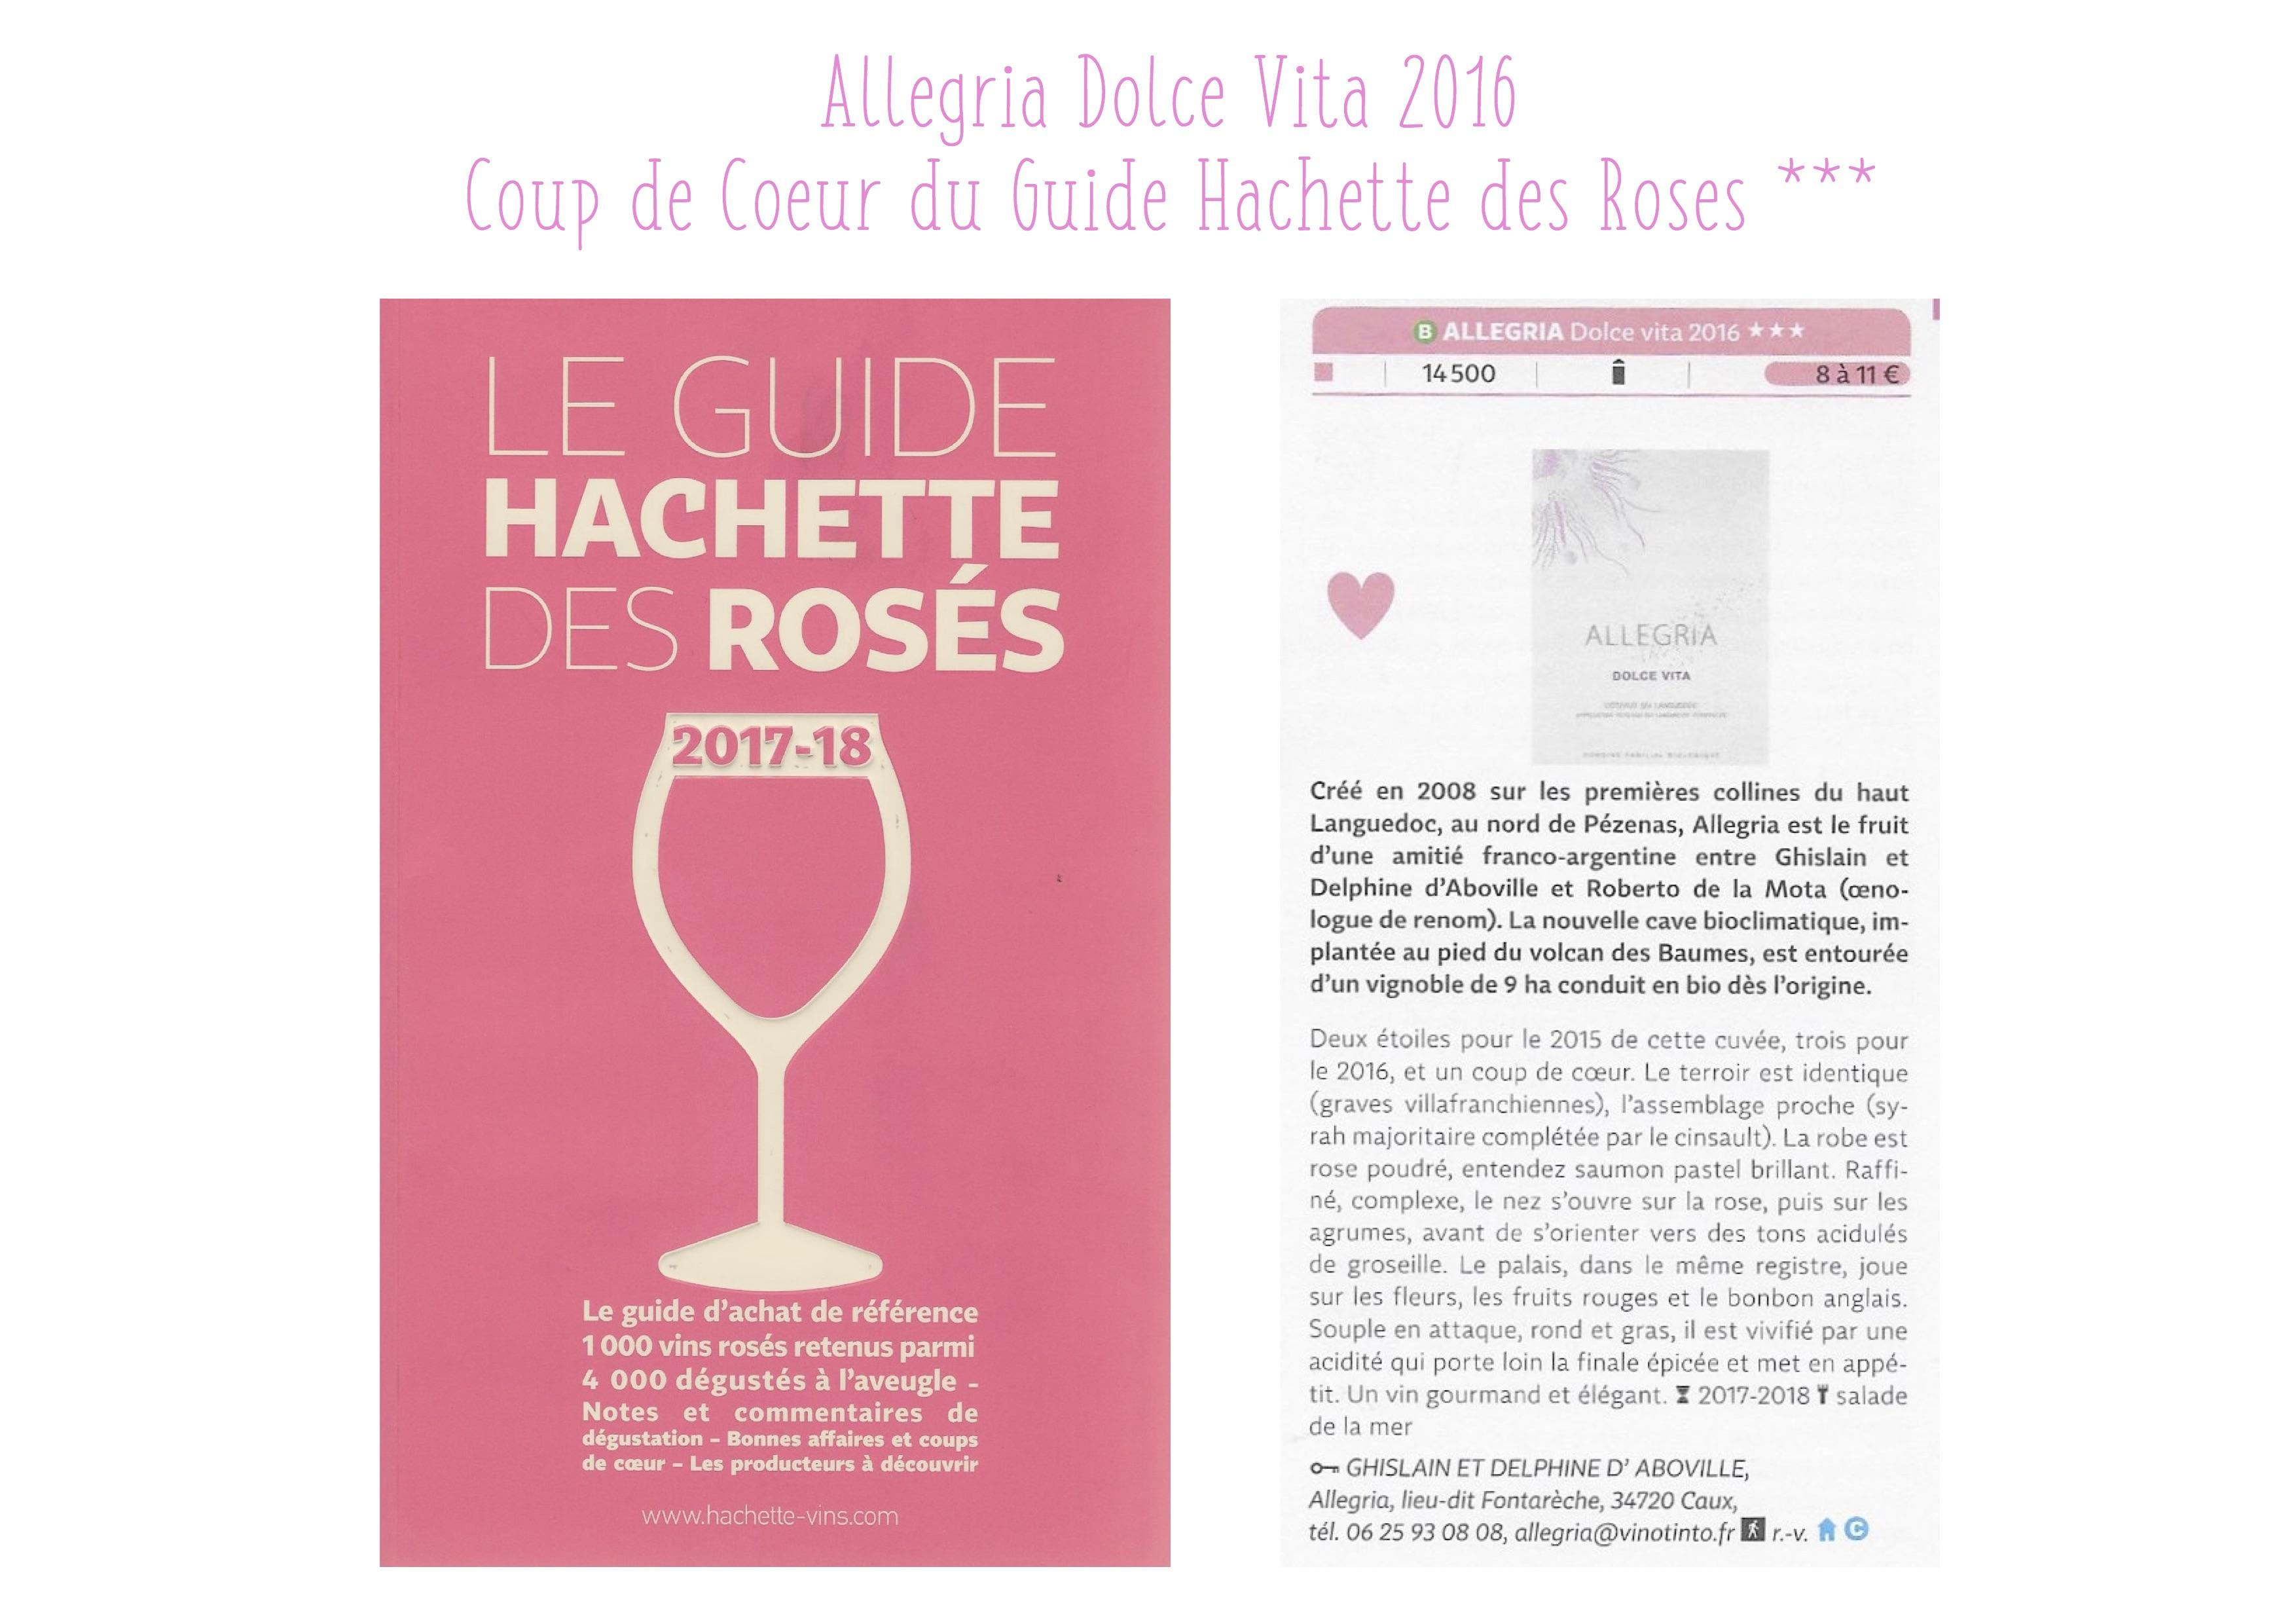 Allegria Dolce Vita 2016 Coup de Coeur du Guide Hachette des Vins rosés